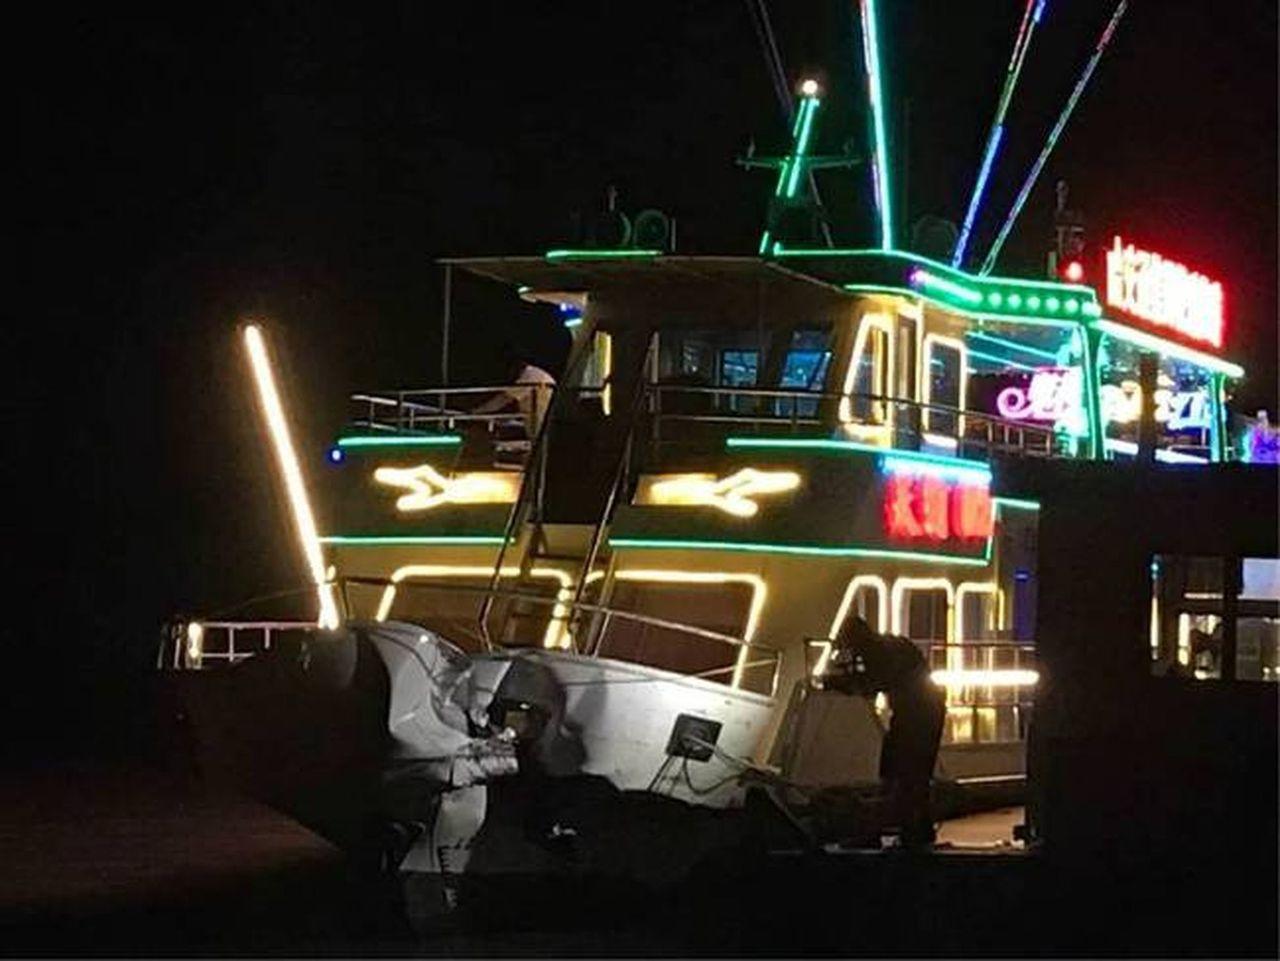 松花江哈爾濱段一拉沙船與客船相撞51人入院 (取材自微博)